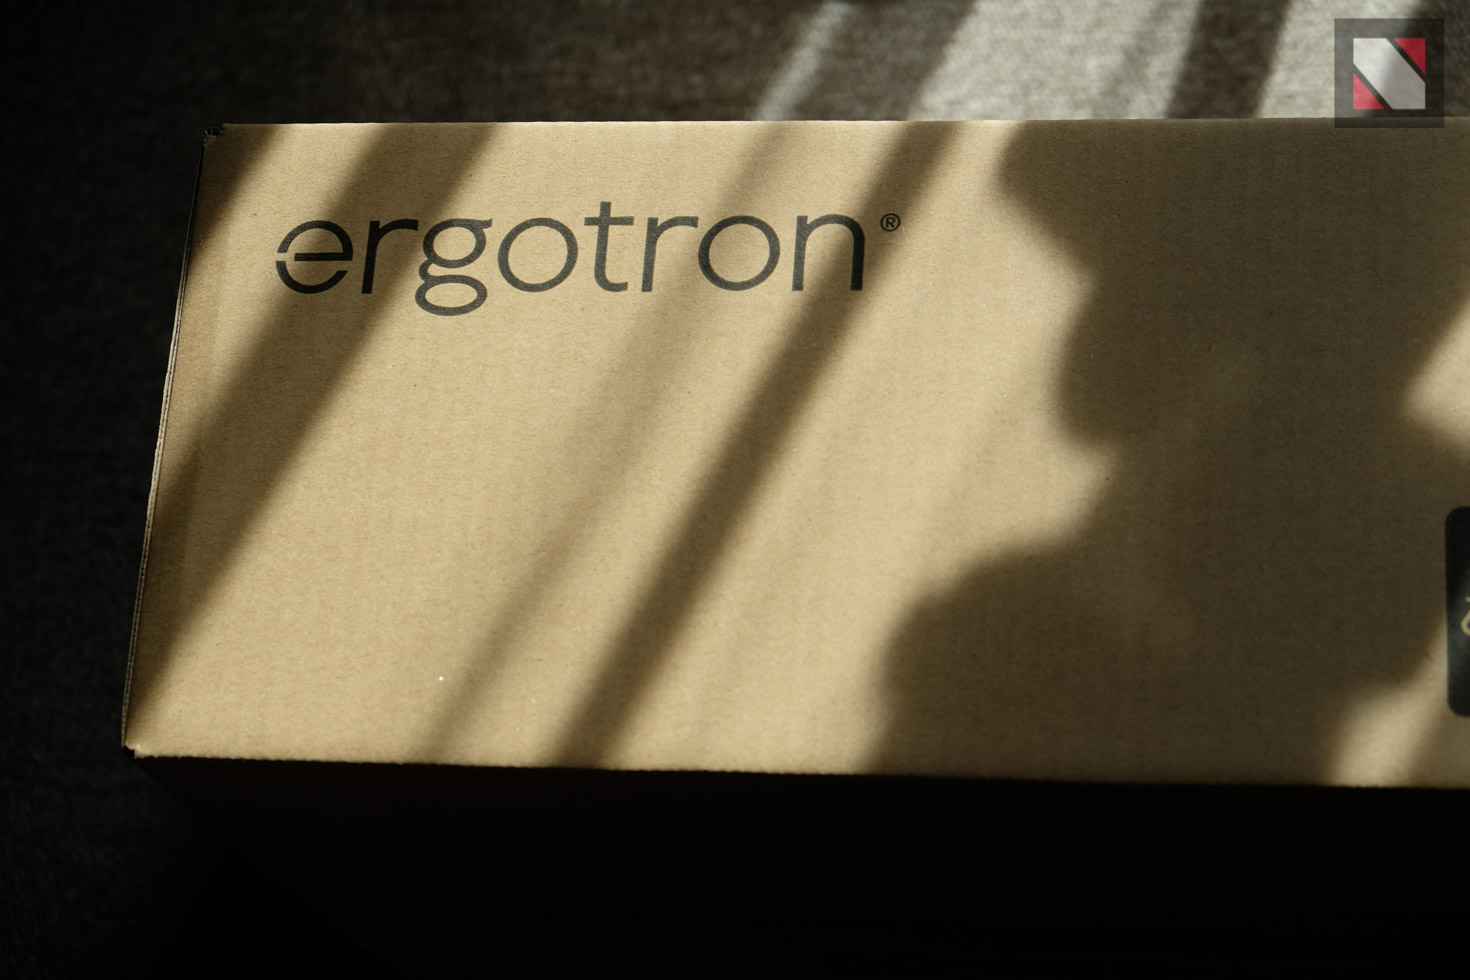 ノマめも。おすすめのモニターアームは「ergotron」【レビュー】